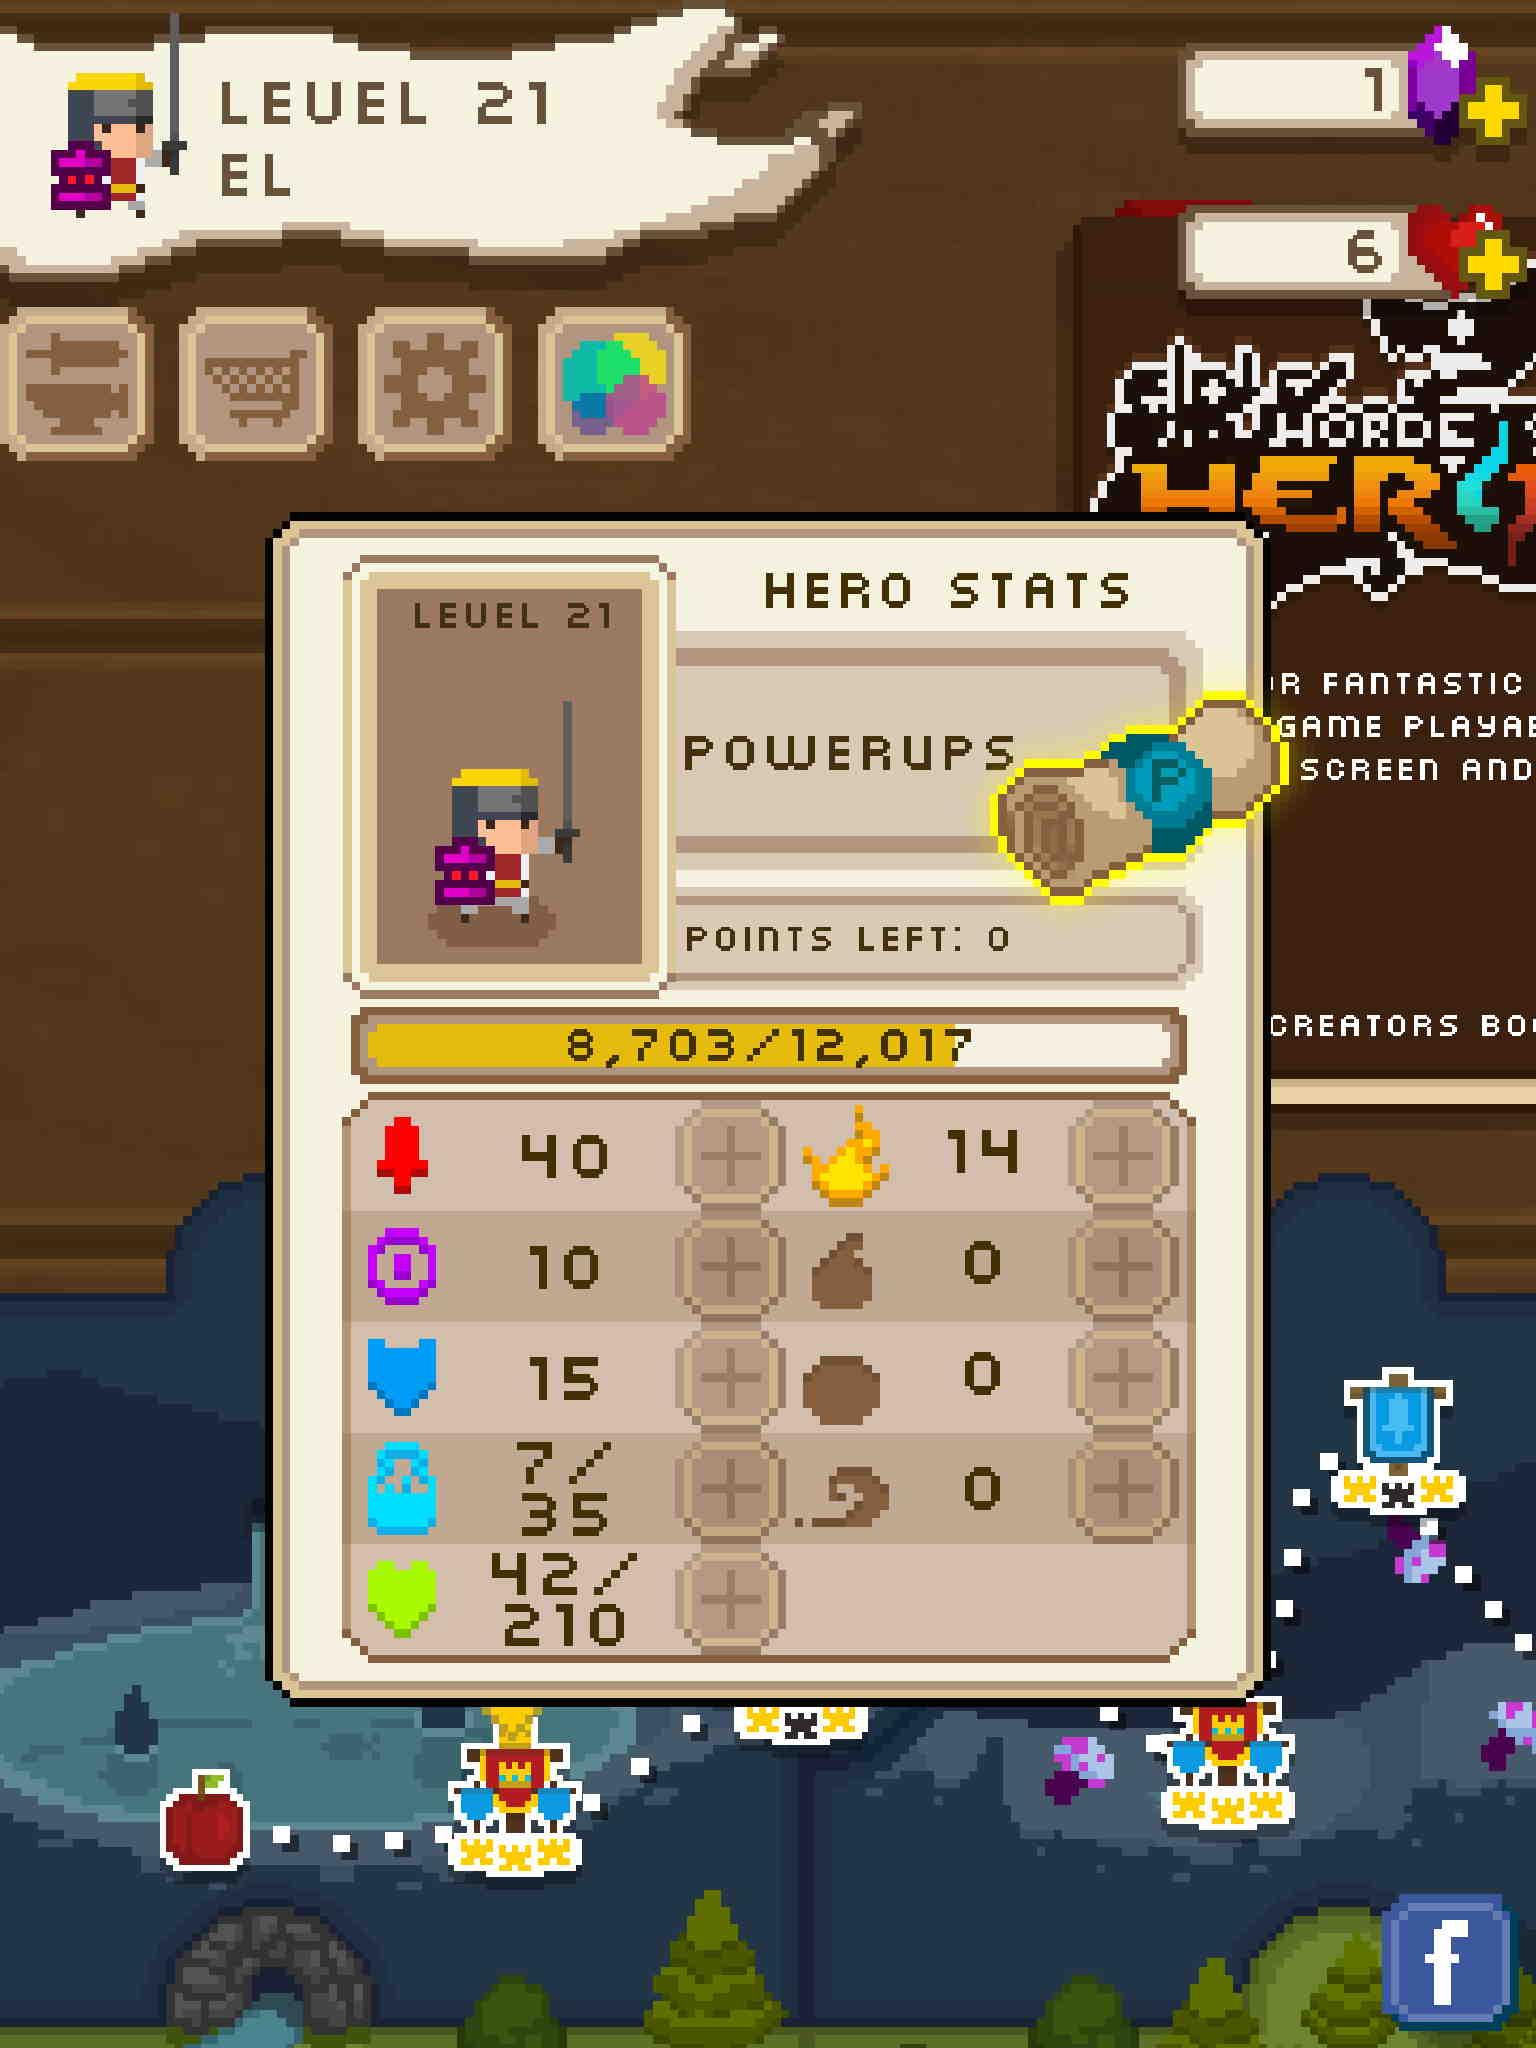 Horde_of_Heroes_04